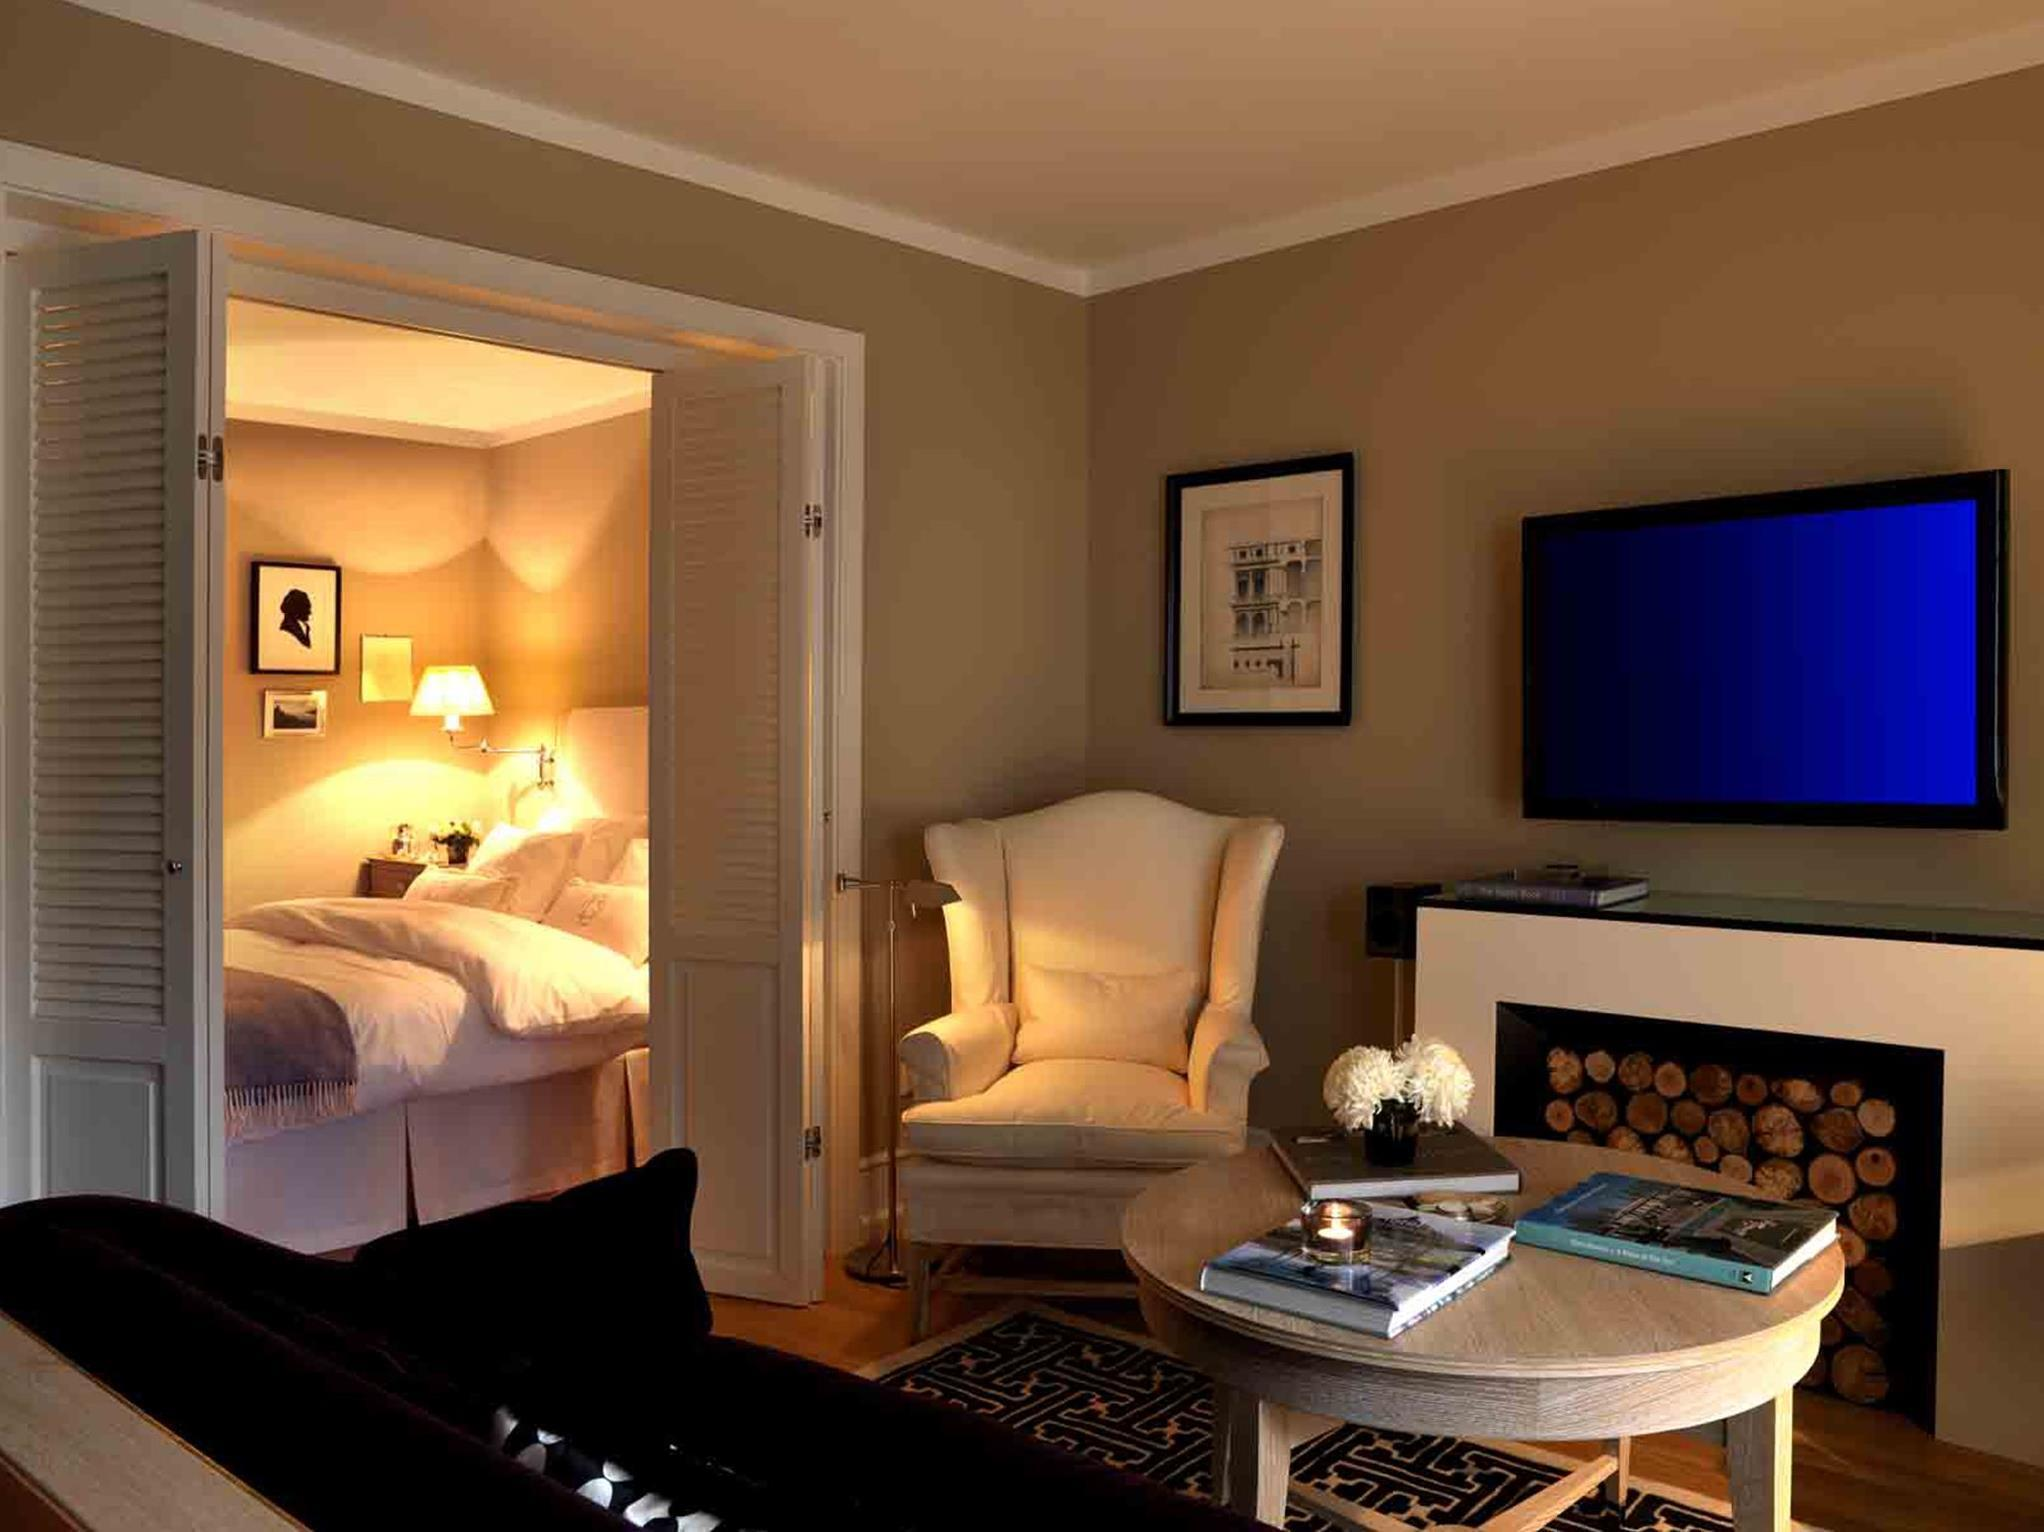 Комната с закутком дизайн